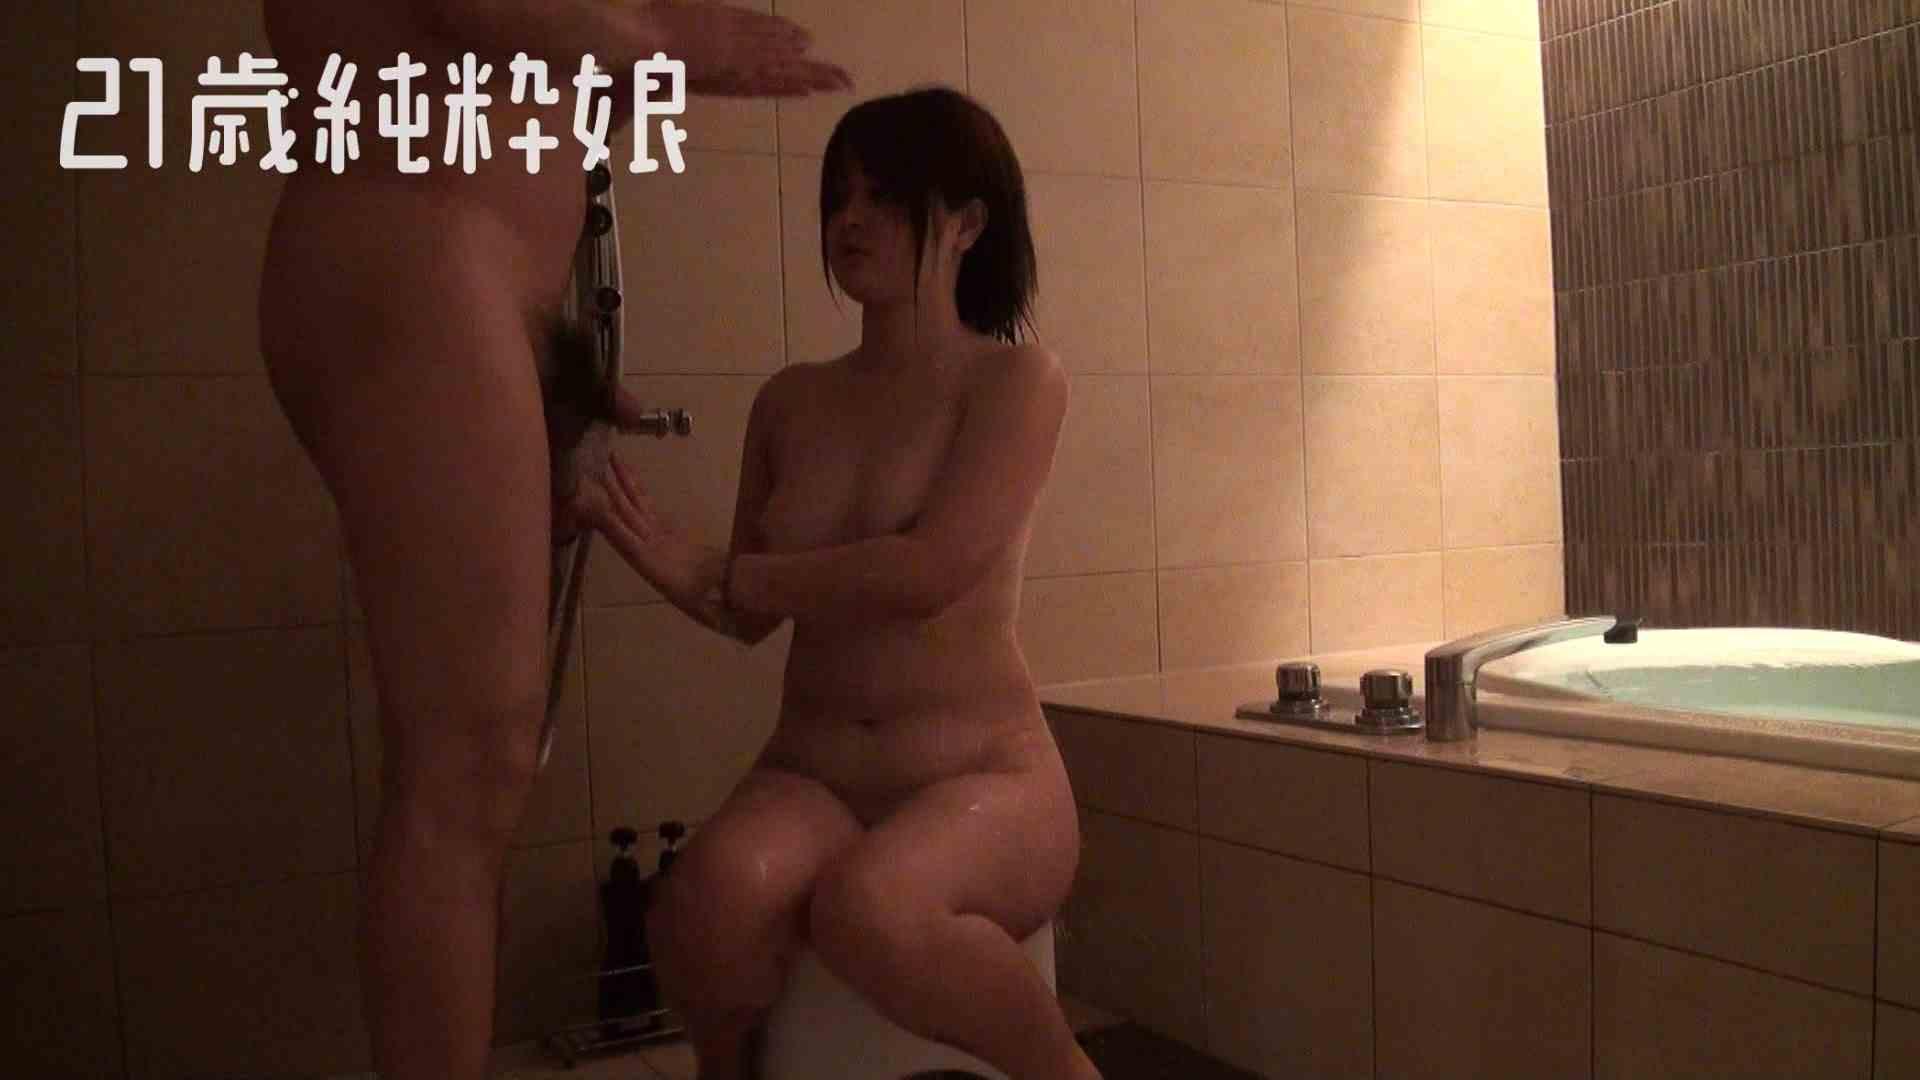 Gカップ21歳純粋嬢第2弾Vol.2 性欲   学校  73連発 1